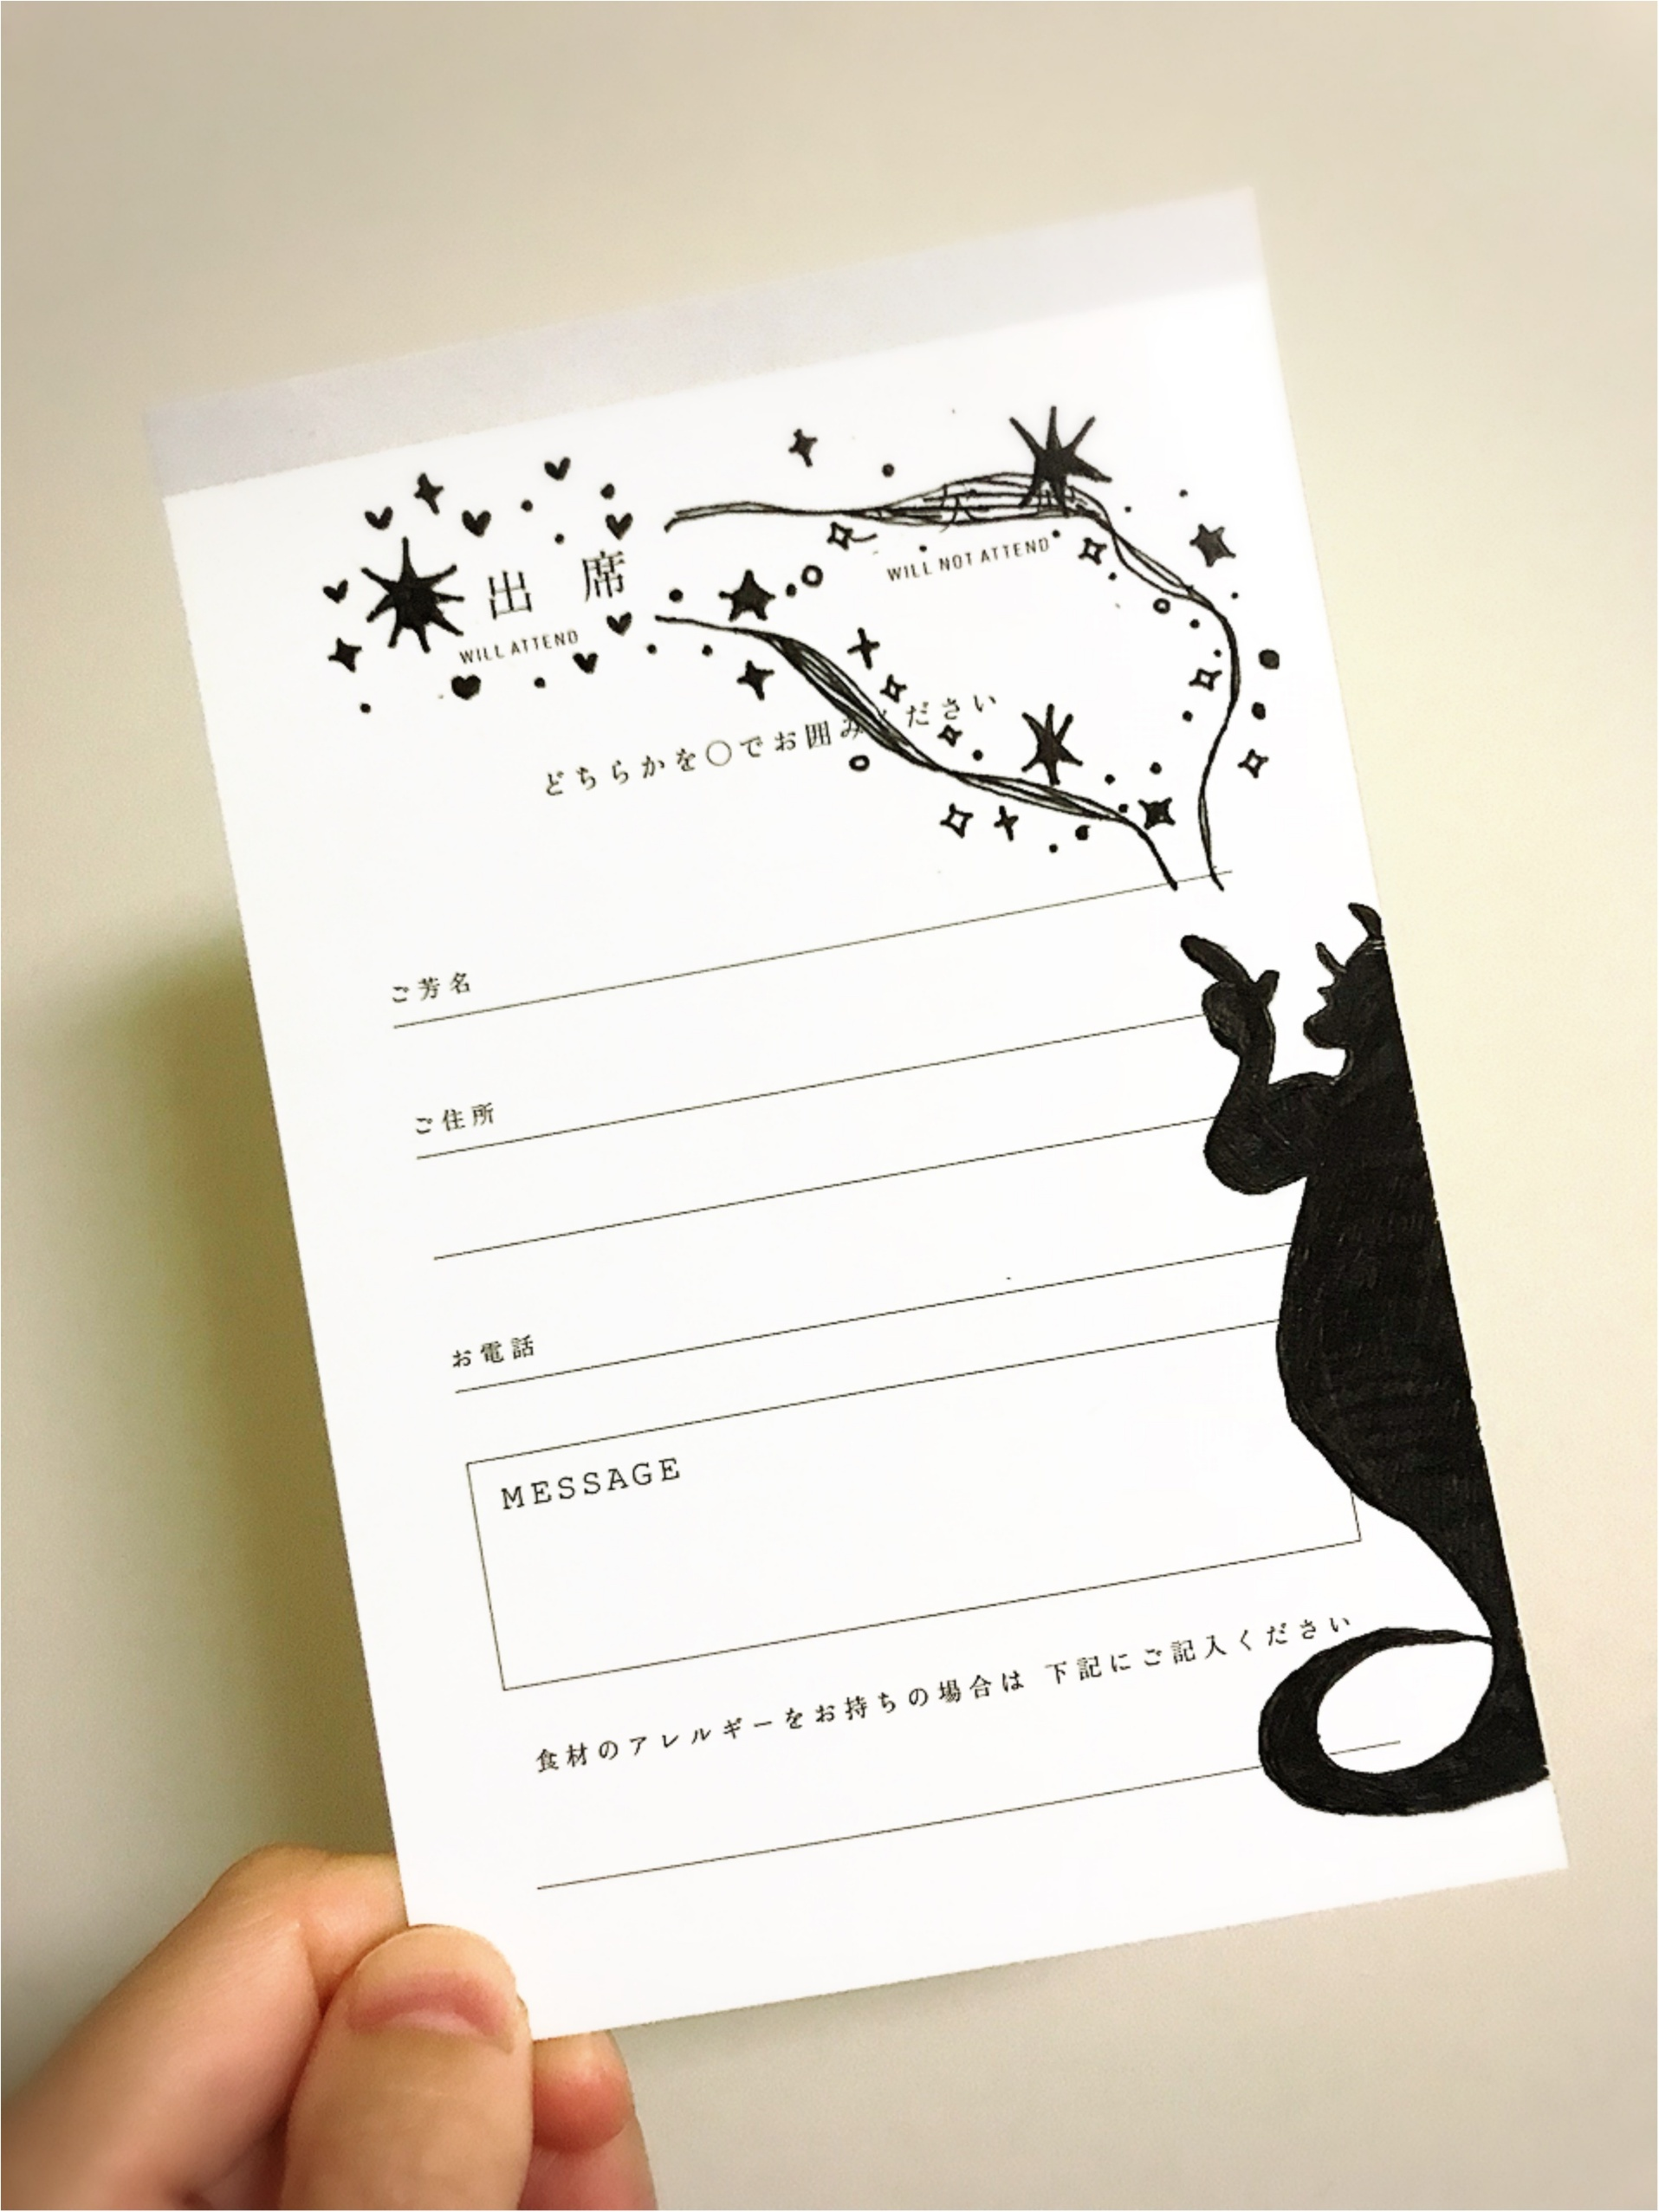 返信状】せっかくなら可愛く送りたい♡結婚式のイラスト返信ハガキのコツ